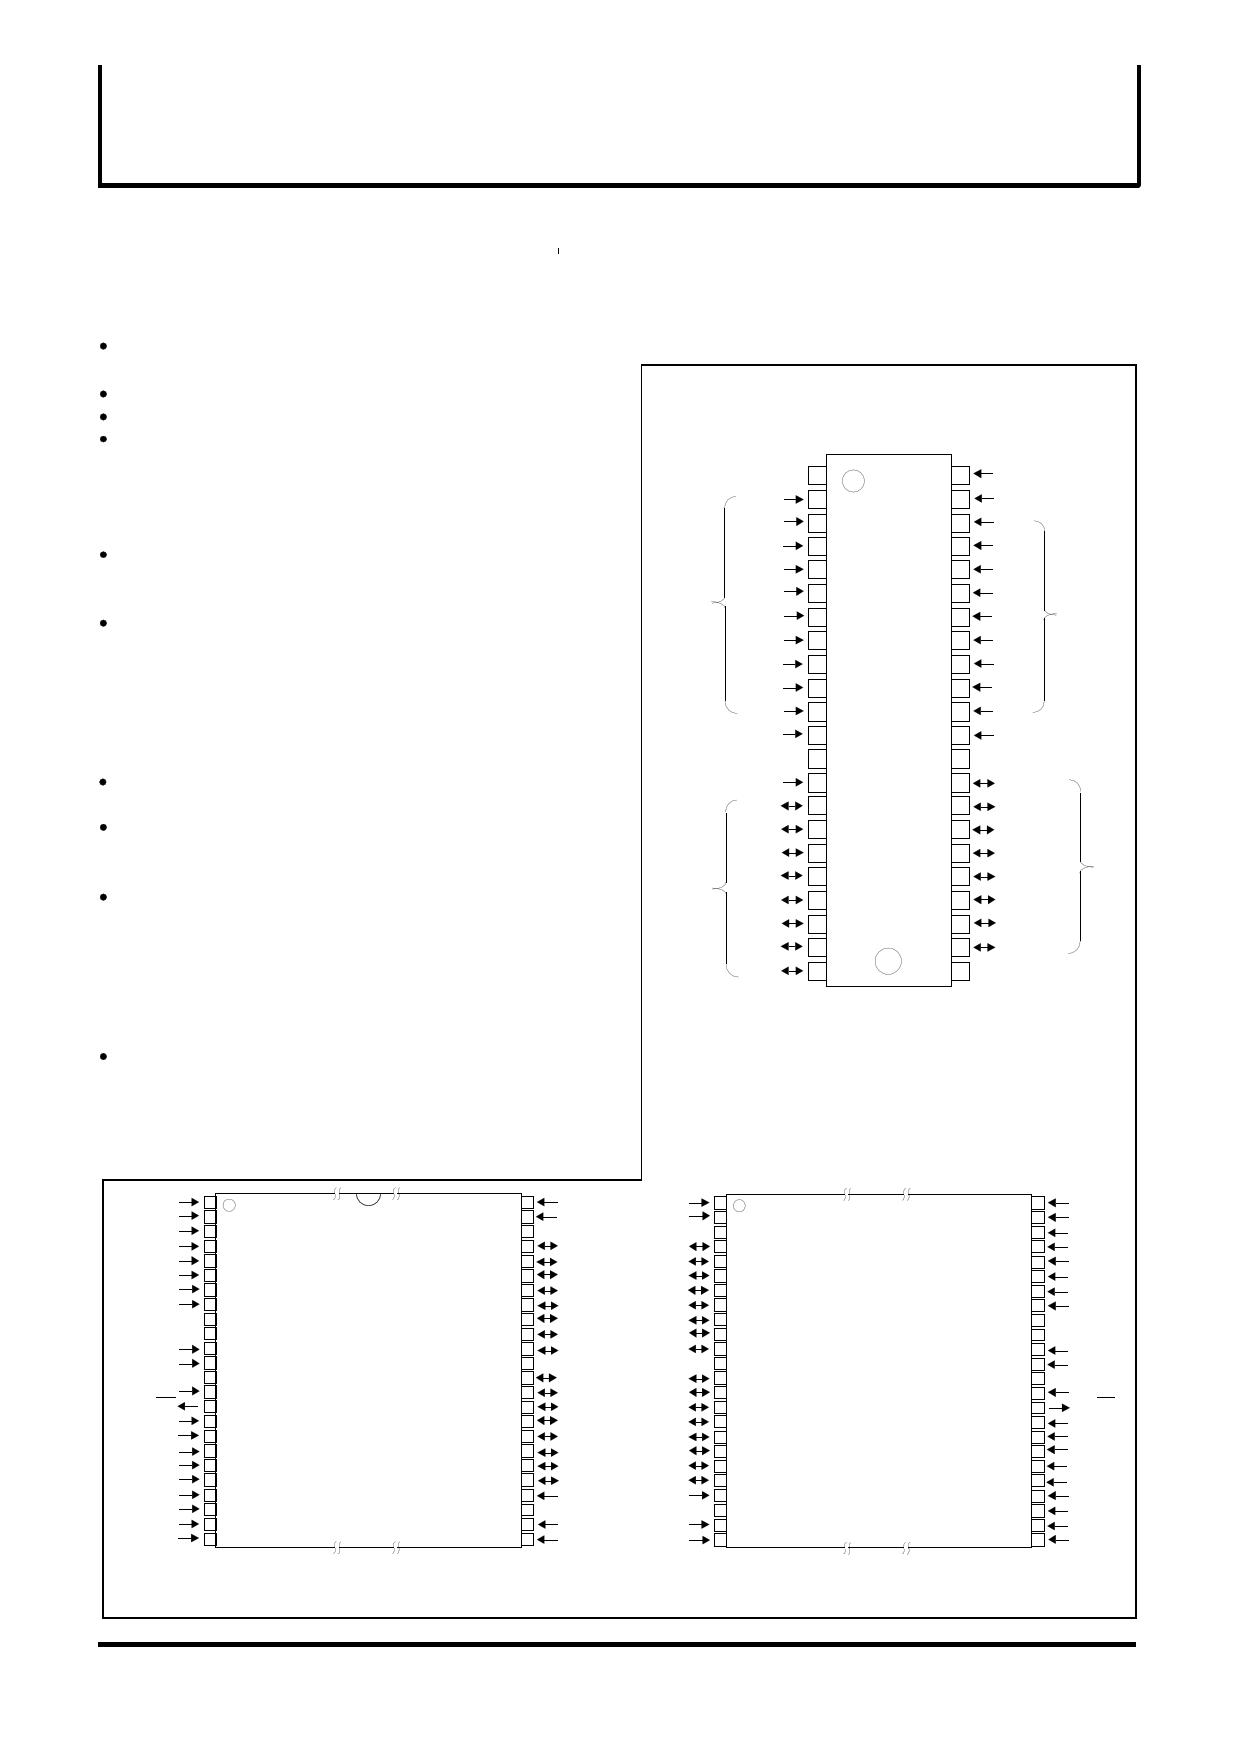 M5M29FT800VP-80 datasheet